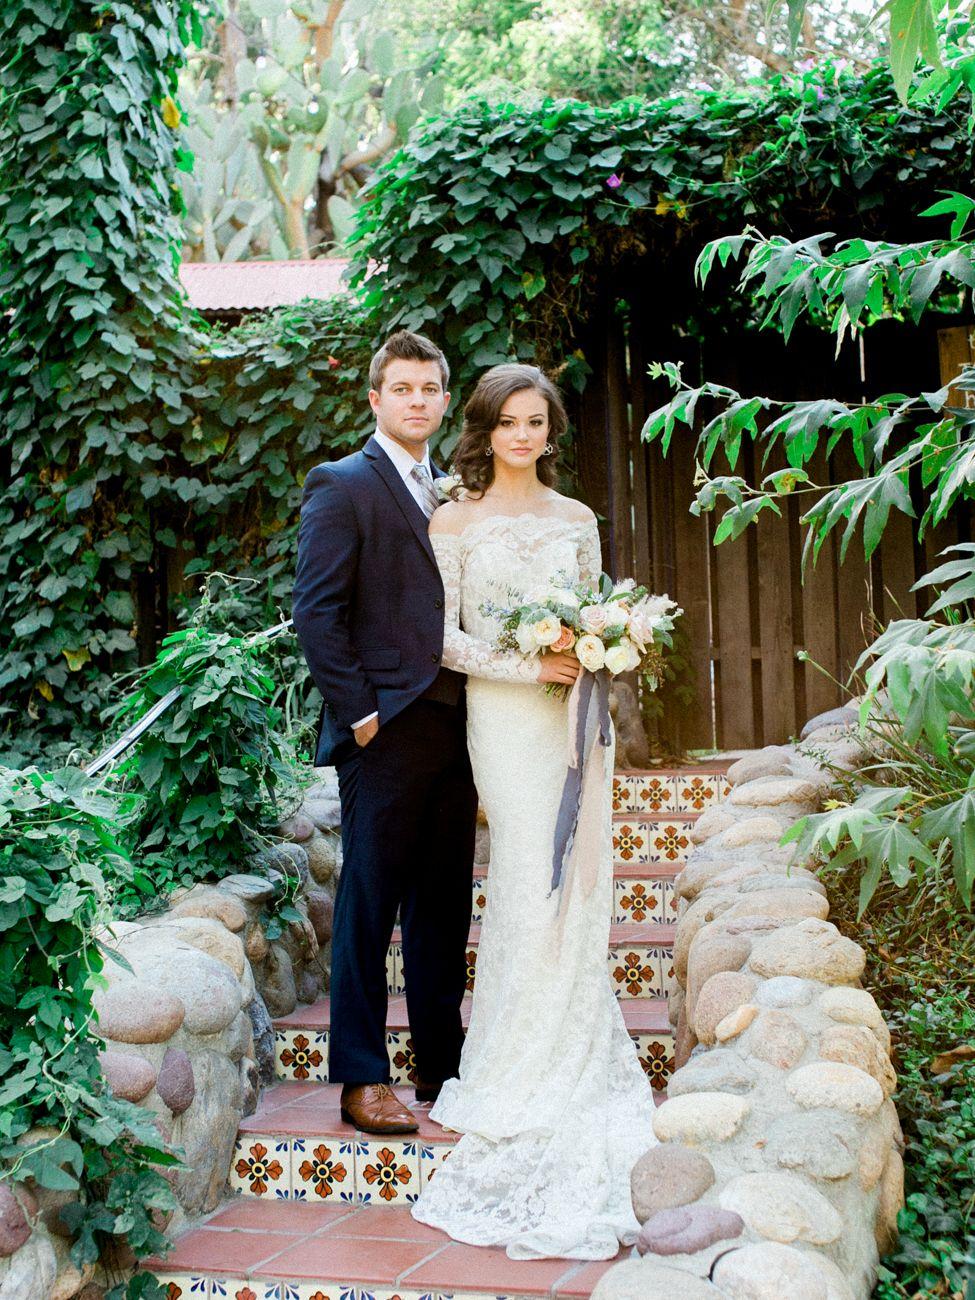 Chinese wedding dress rental los angeles  weddinginspiration weddingday weddingphotography rancholaslomas